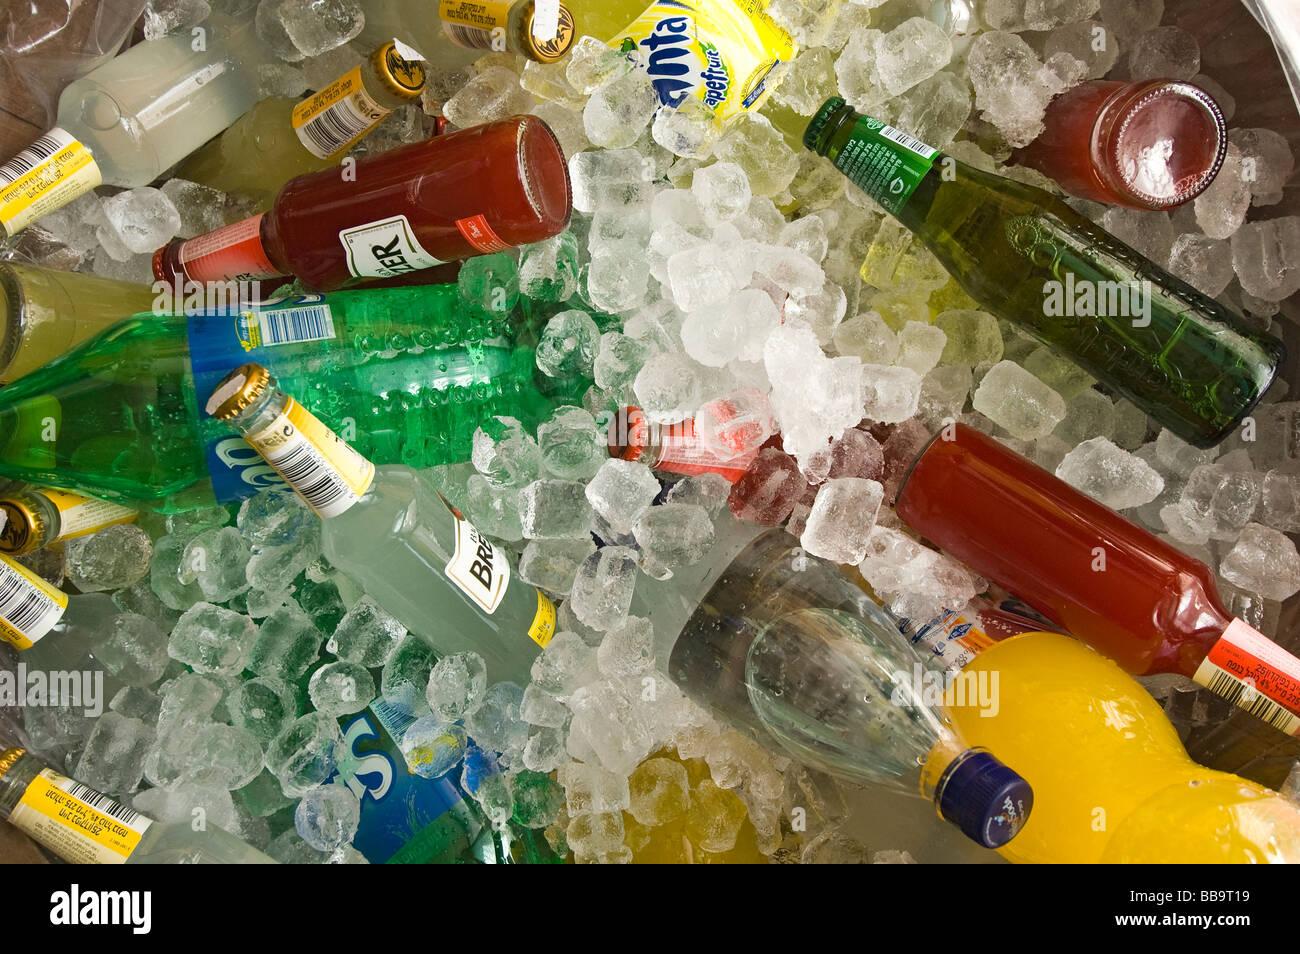 Party Getränke Kühlung in einem Fass aus Eis Stockfoto, Bild ...